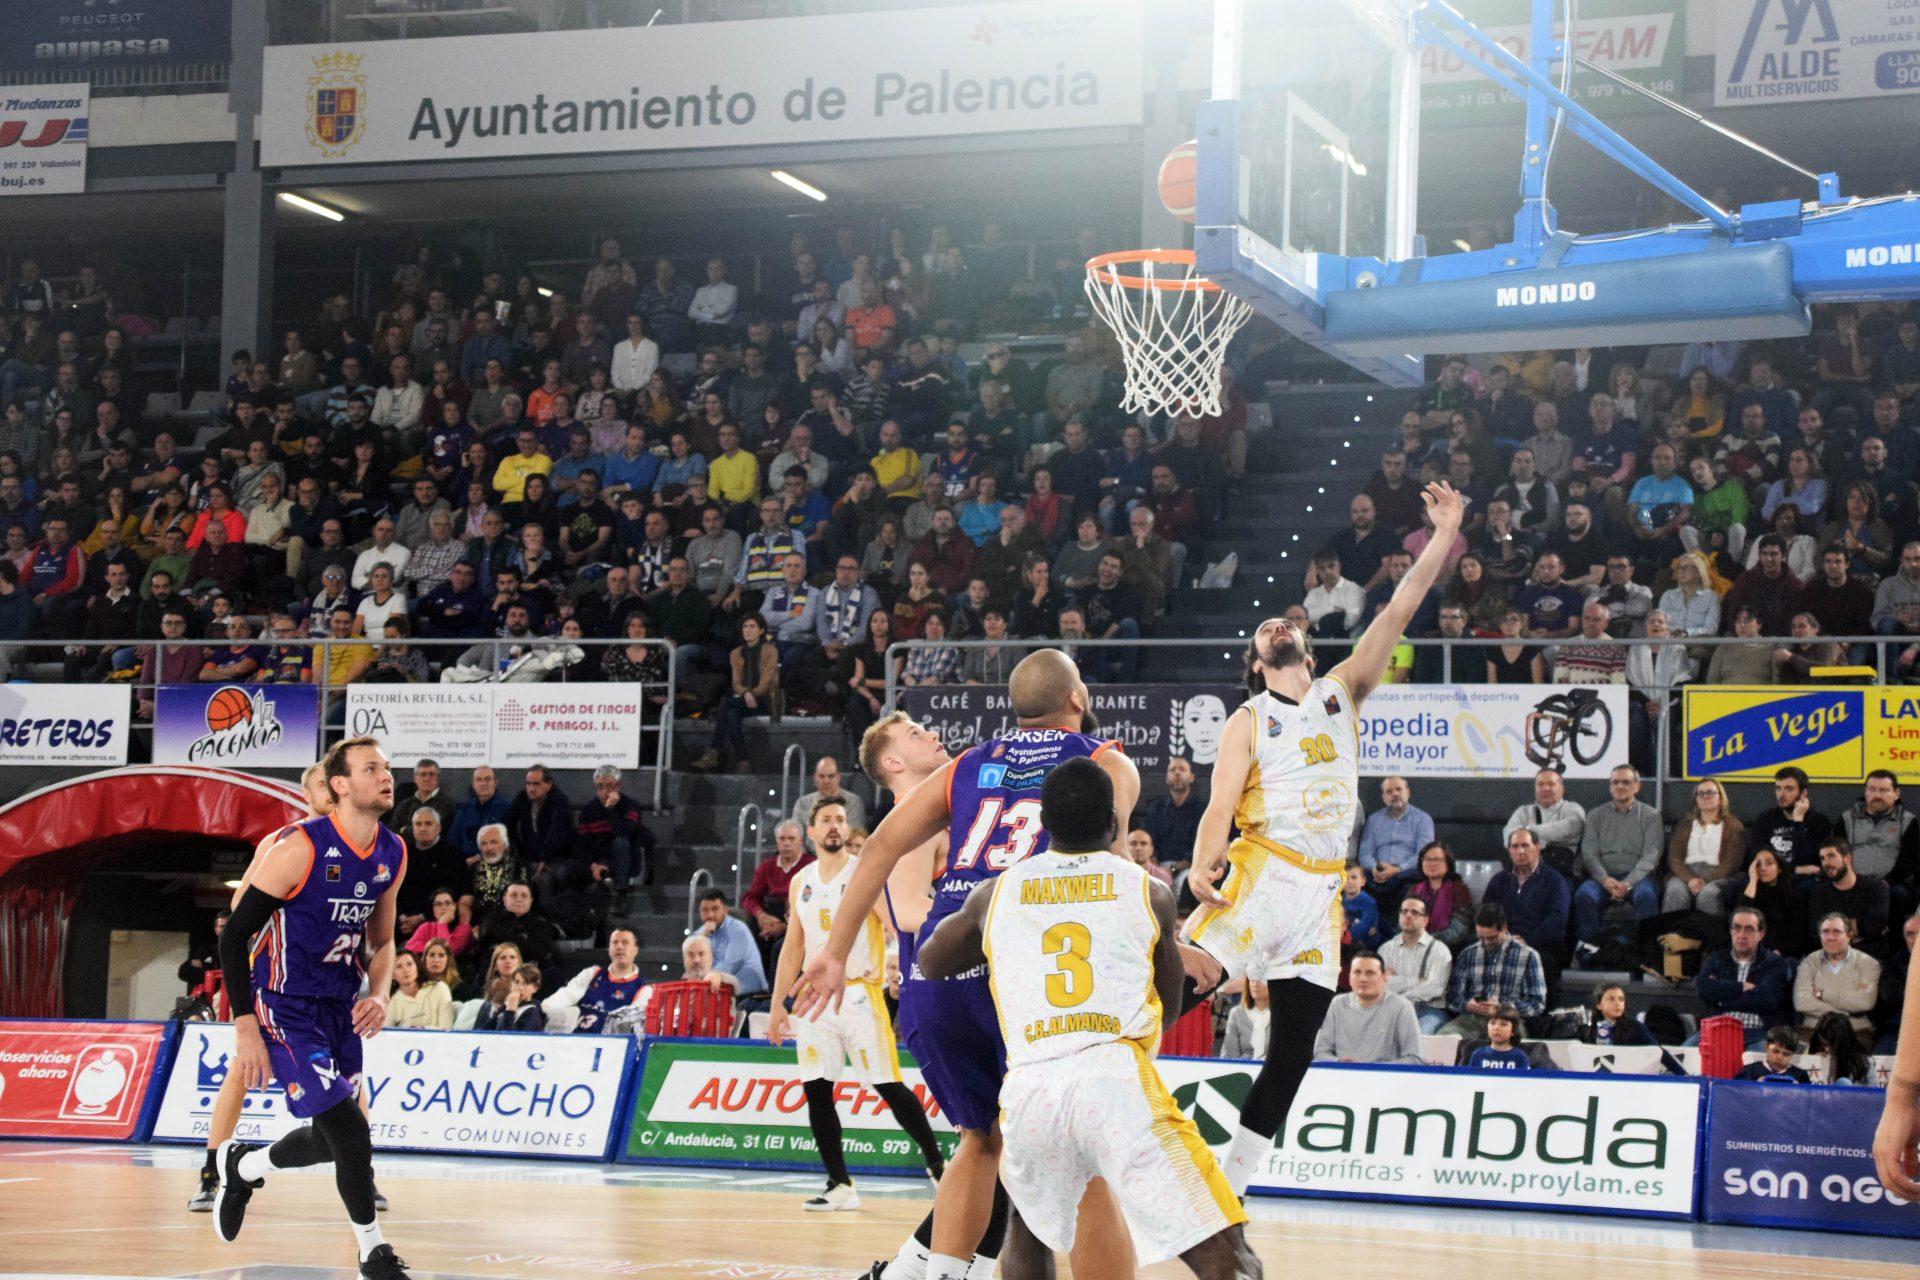 Chuso González entra a canasta en el duelo de la jornada 23 entre Palencia Basket y Afanion CB Almansa